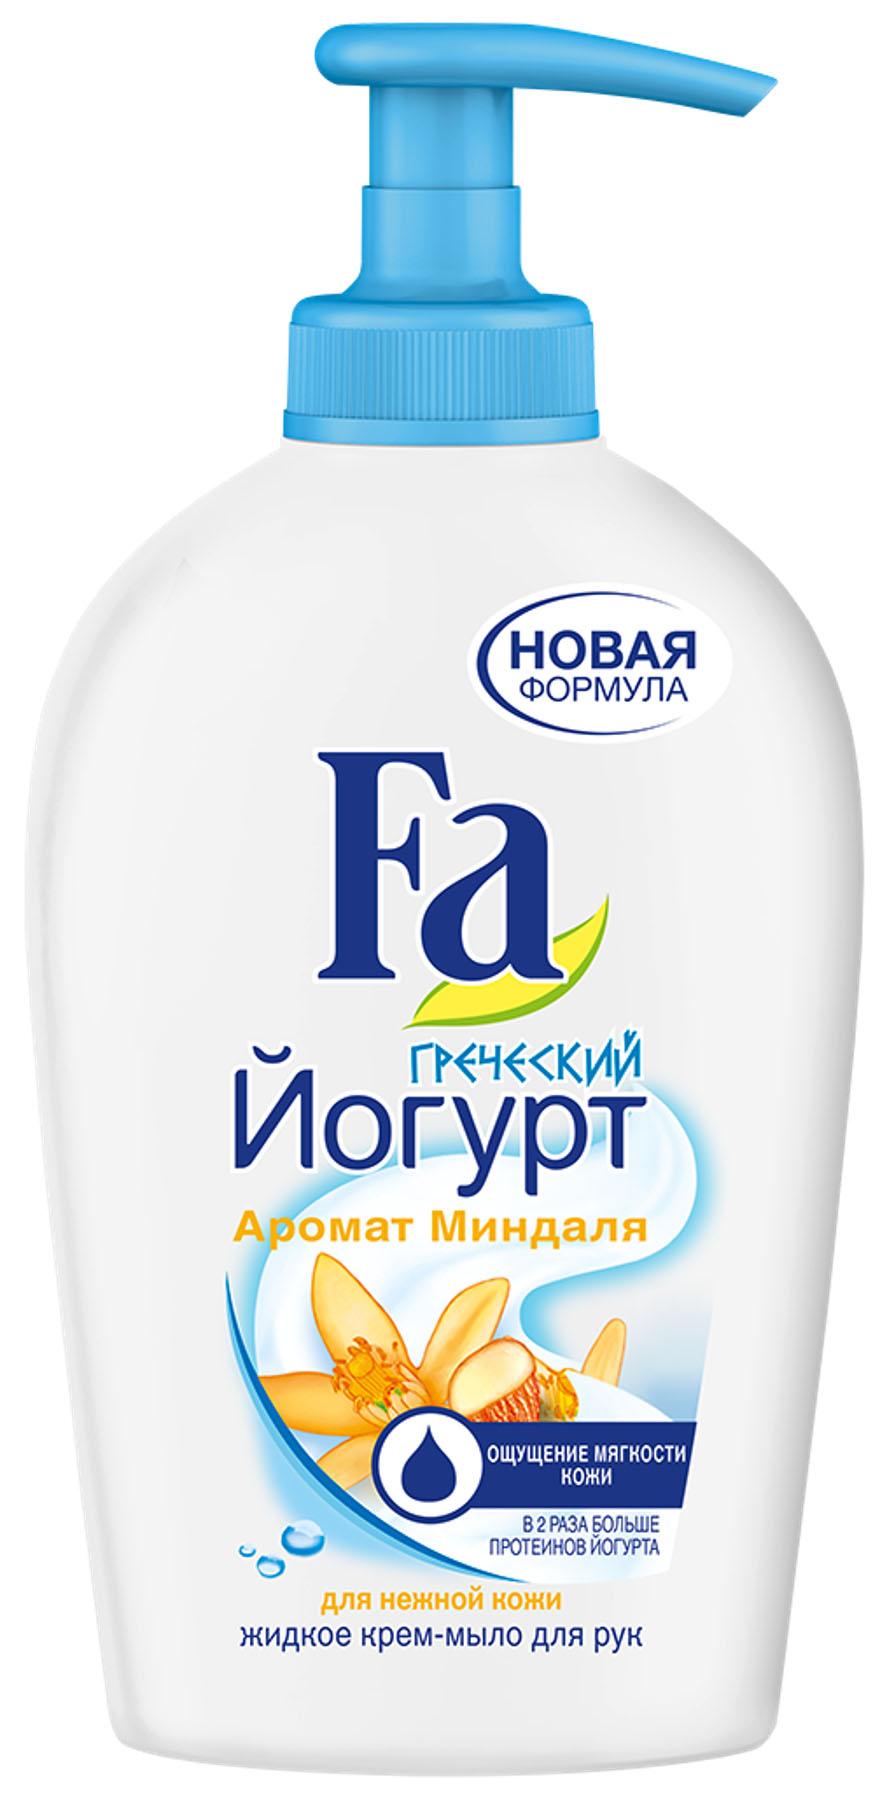 Fa Жидкое крем-мыло геческий Йогурт Миндаль, 250 мл2047388/1907862Откройте для себя море свежести и бережное очищение с крем-мылом Fa Греческий Йогурт. Его формула с удвоенными протеинами йогурта поддерживает естественный баланс кожи и защищает ее от сухости каждый раз, когда вы моете руки с Fa. Легкая кремовая текстура превращается в воздушную пену и балует вашу кожу. • Хорошая переносимость кожей • Протестировано дерматологами